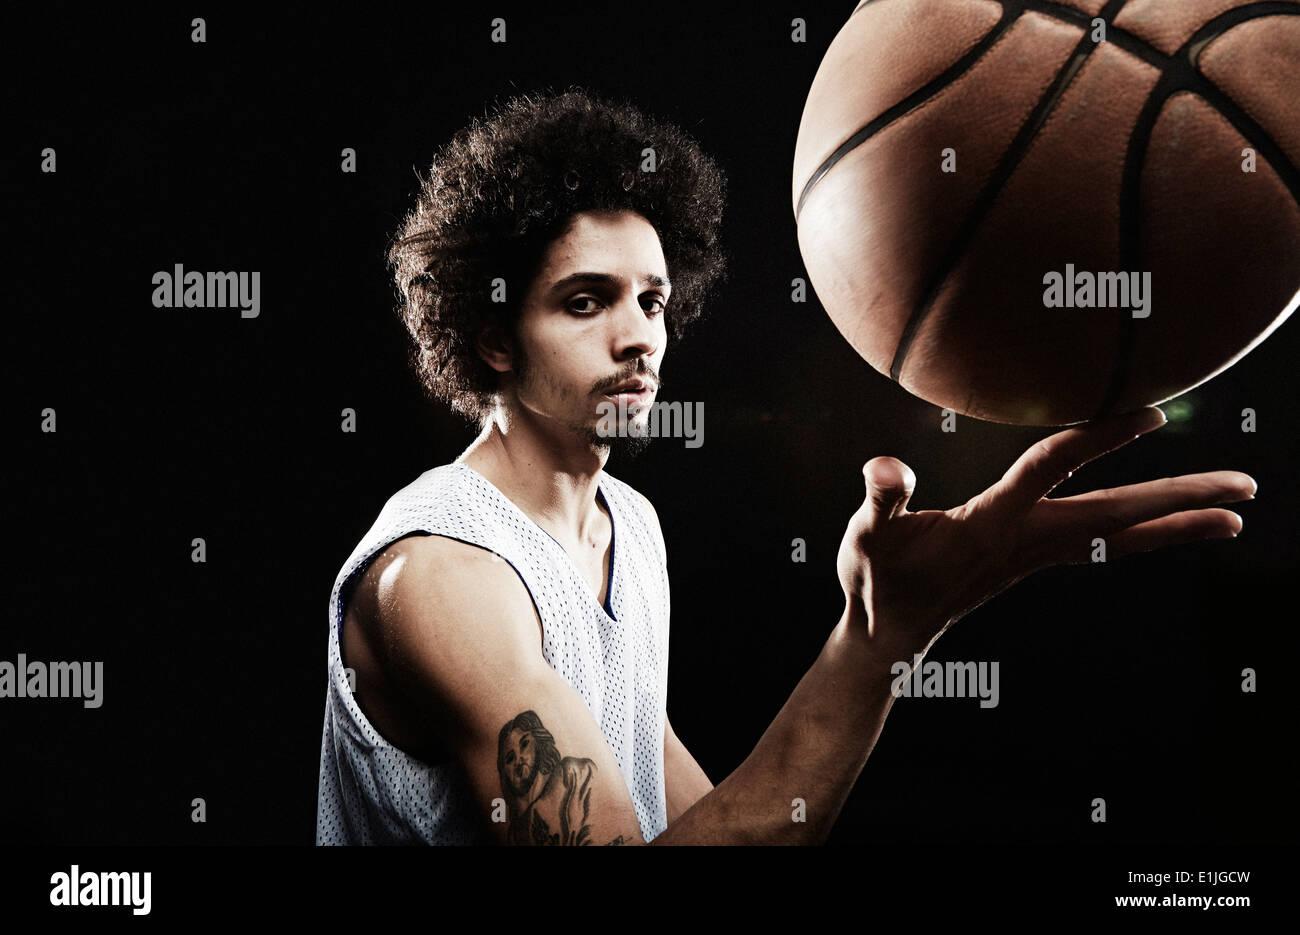 Basketball-Spieler Basketball am Finger zu balancieren Stockbild